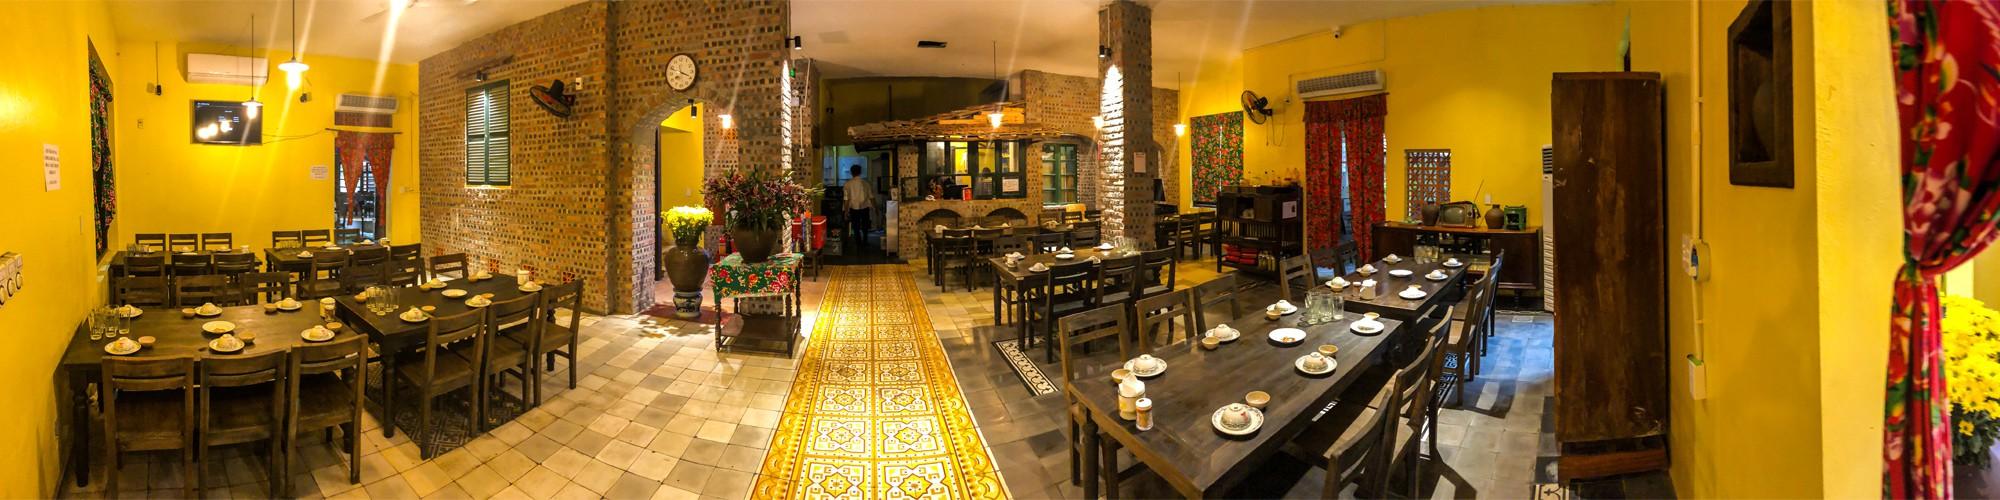 Đi tìm quán ăn vẫn giữ được cả một trời thương nhớ về Hà Nội xưa cũ - Ảnh 4.